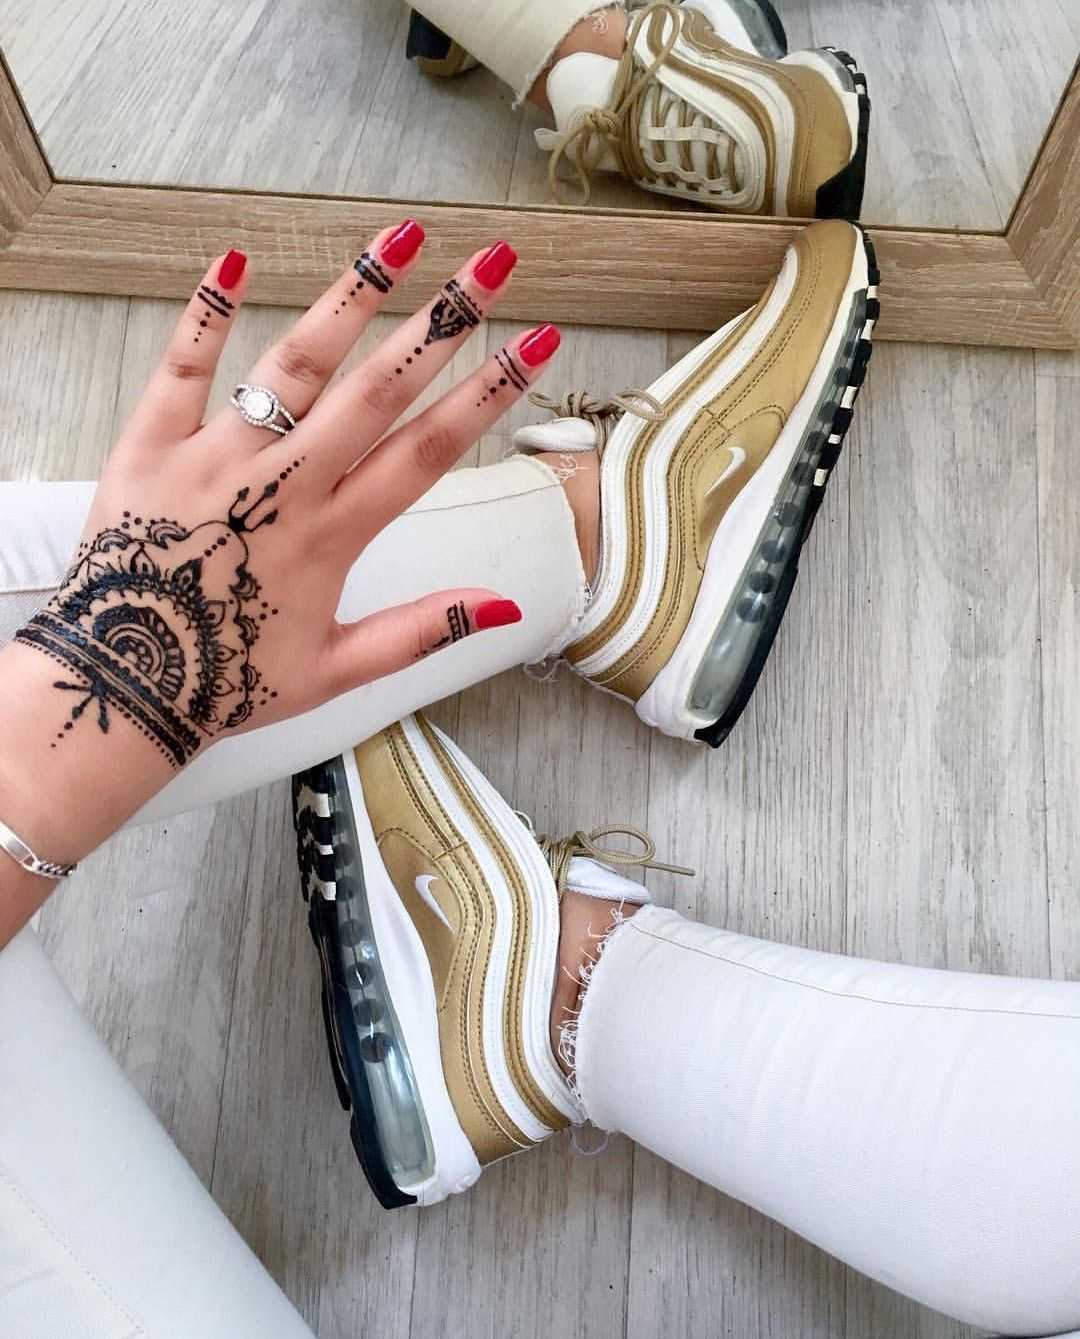 Nike Air Max 97 in goldweiß Foto: nawellleee |Instagram